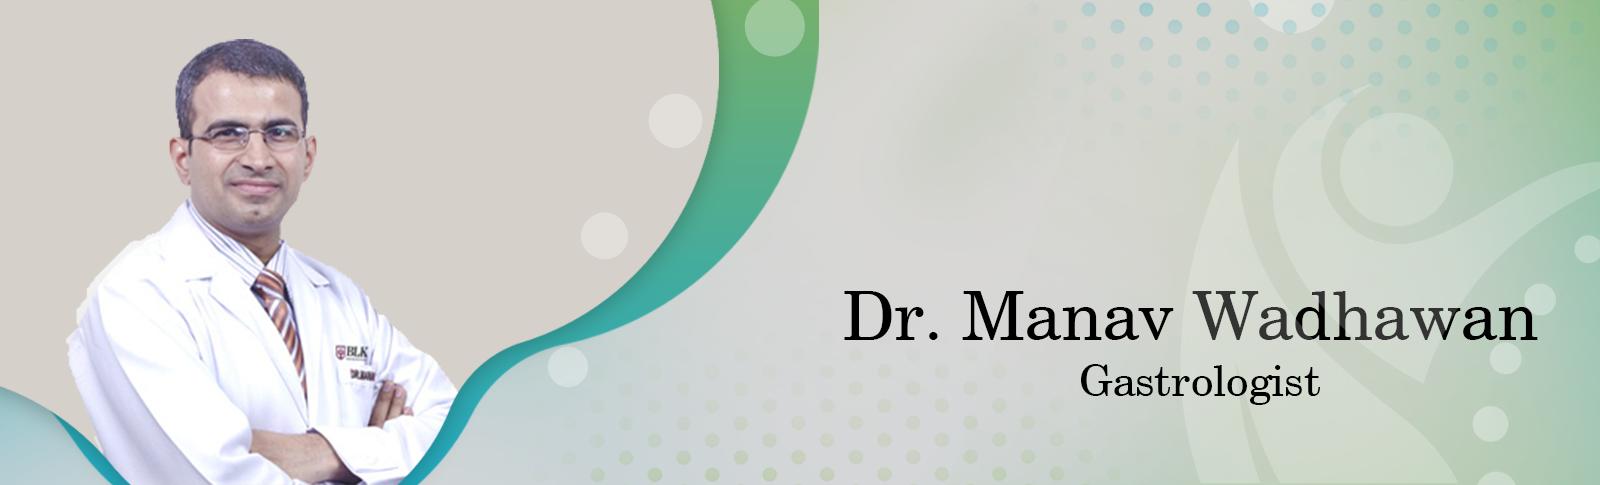 Dr. Manav Wadhwa